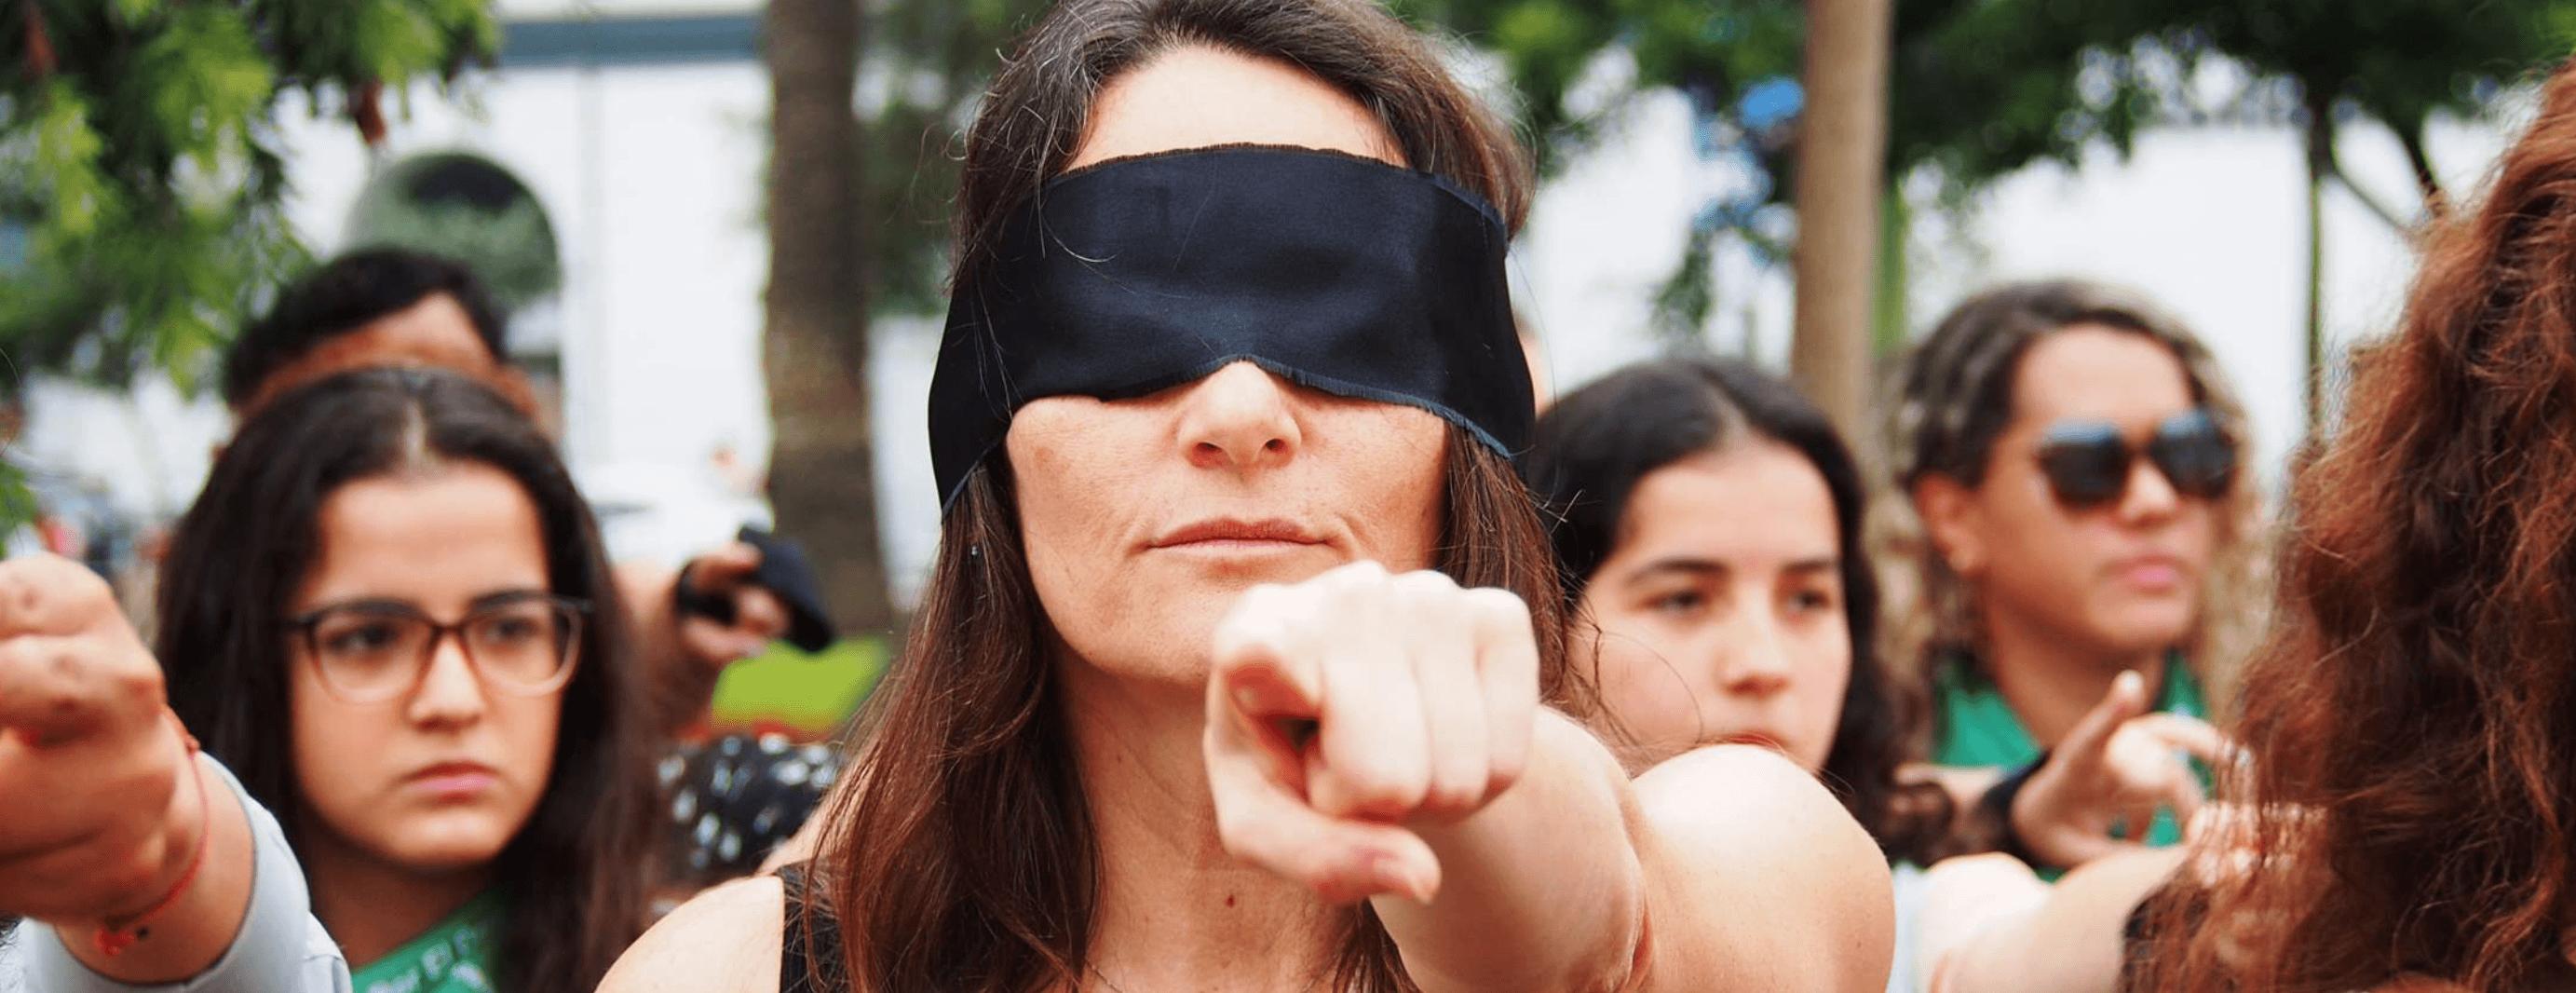 Vrouwen komen op voor hun rechten in Zuid-Amerika